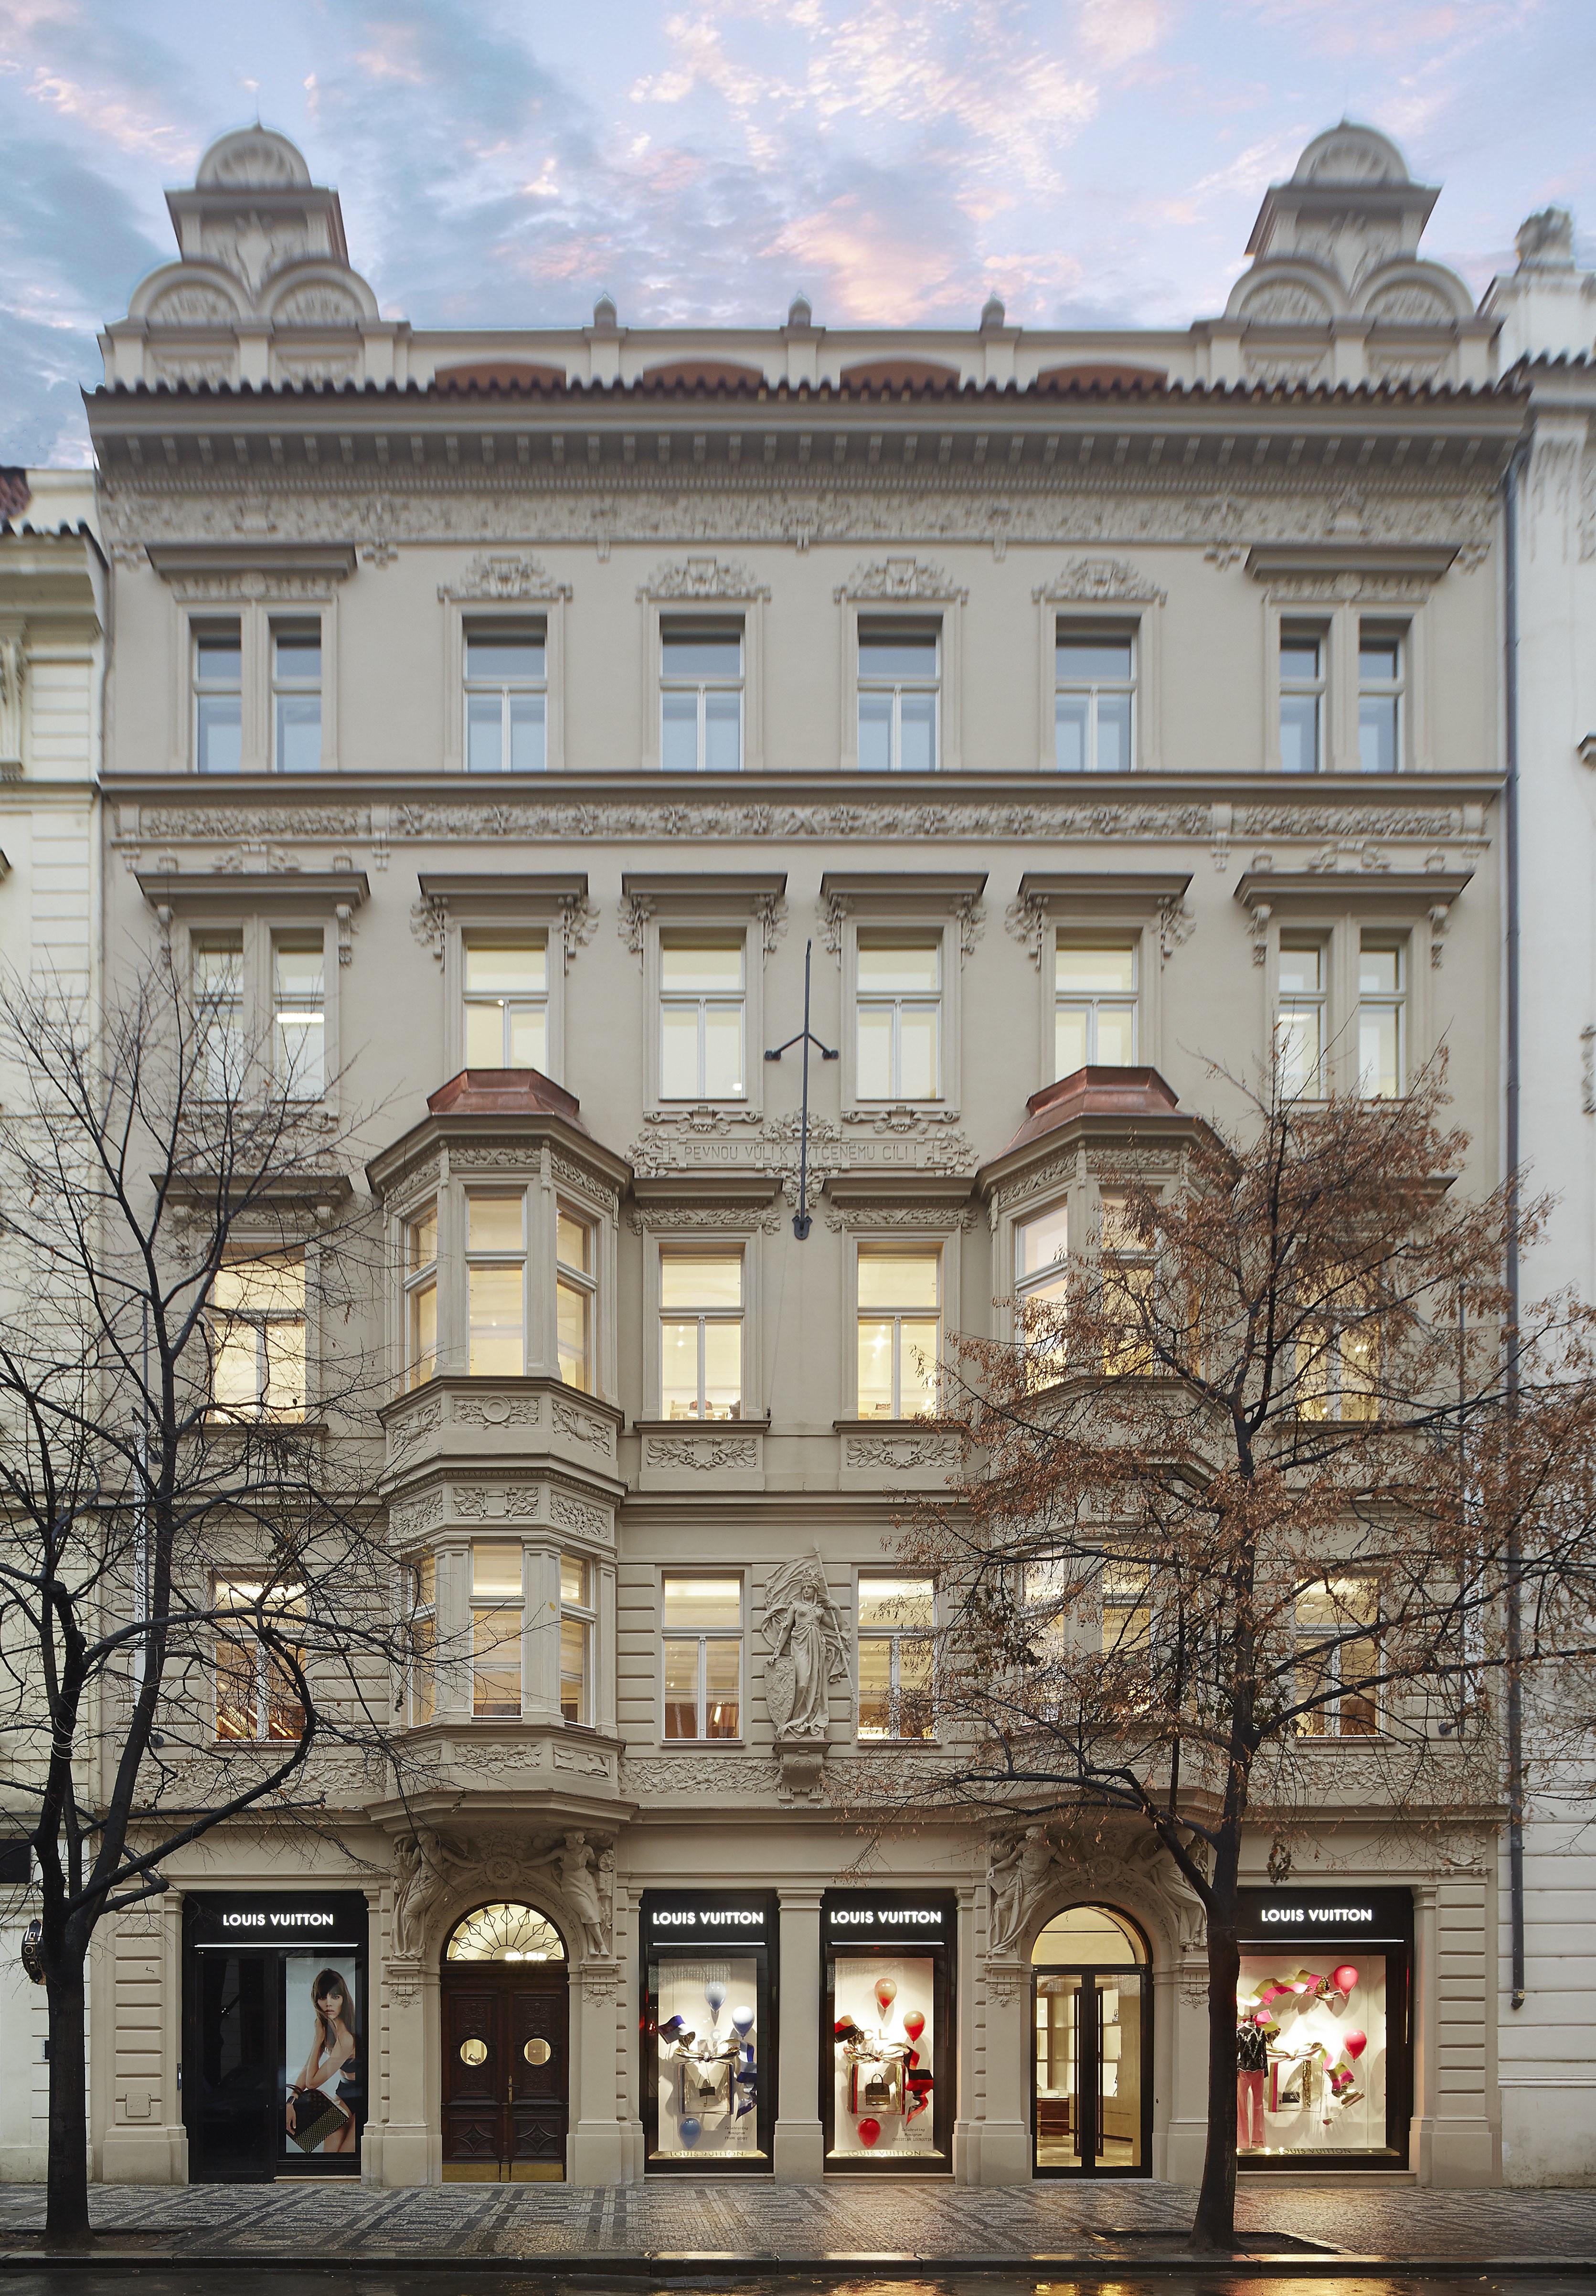 e8ad663f7f Louis Vuitton - Prague.eu